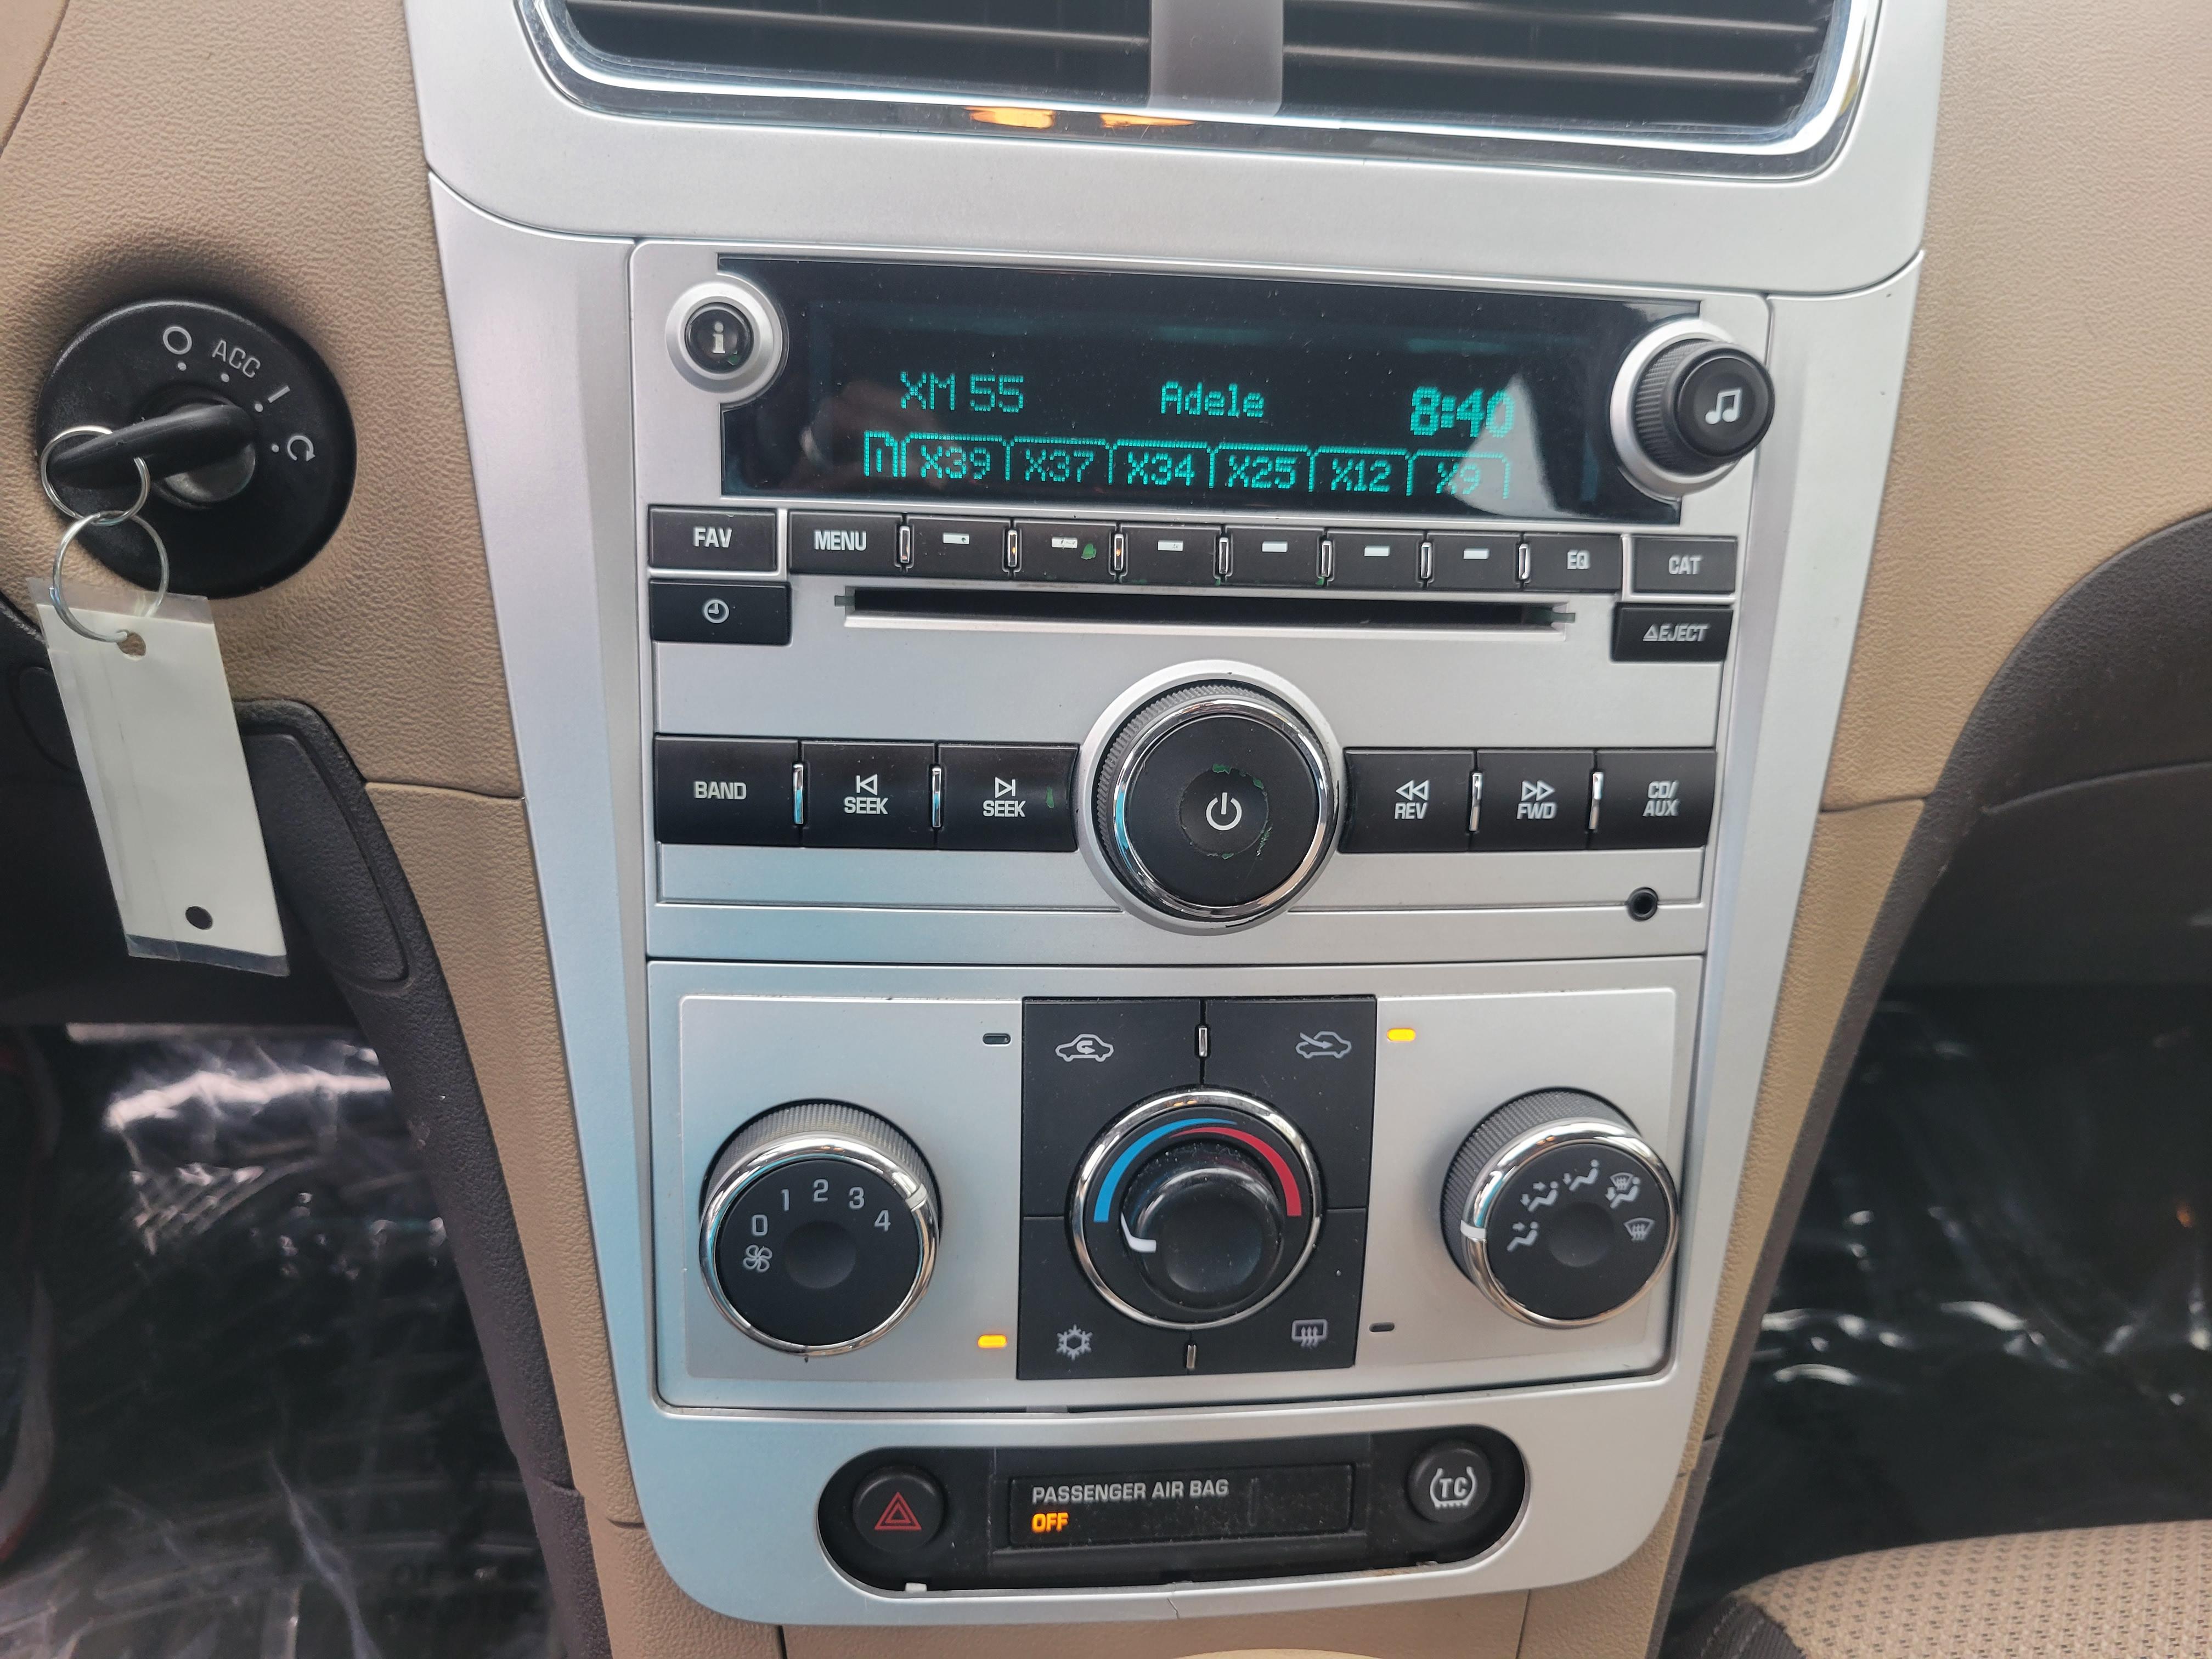 used vehicle - Sedan CHEVROLET MALIBU 2010